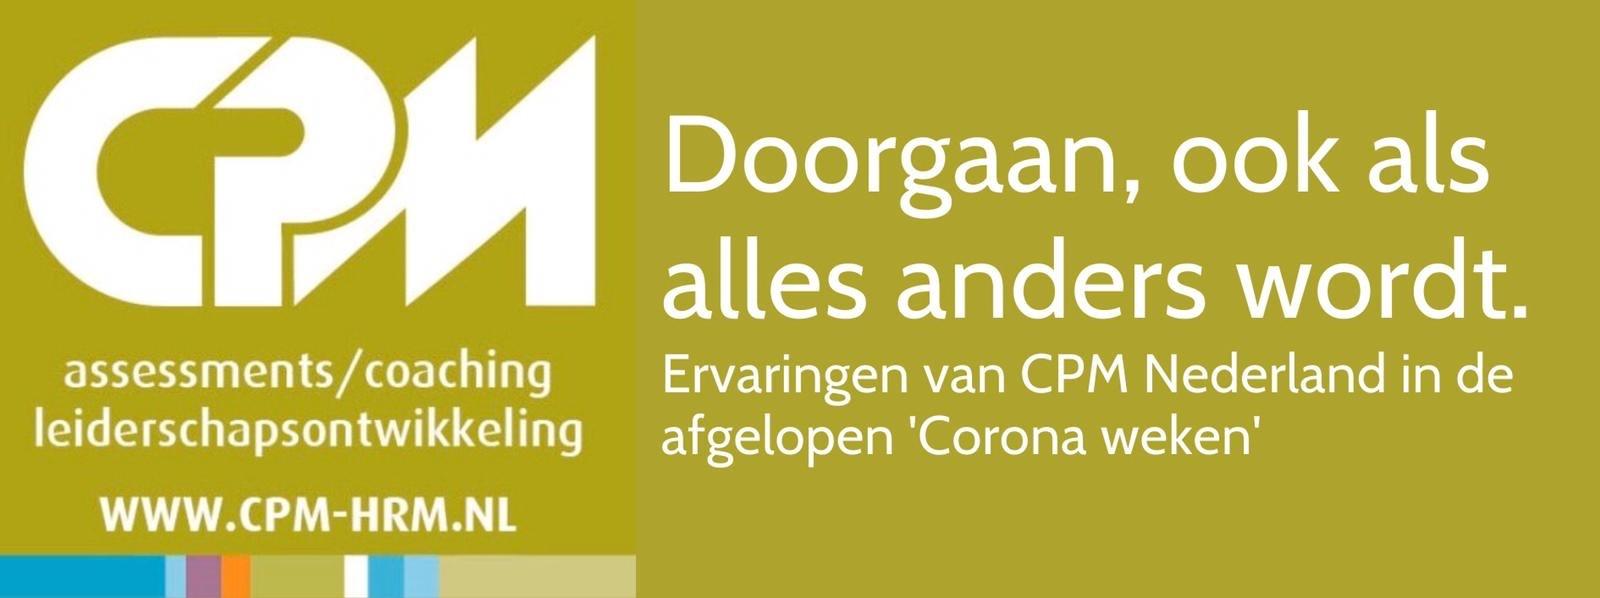 ervaringen van CPM Nederland in de afgelopen  'Corona-weken'